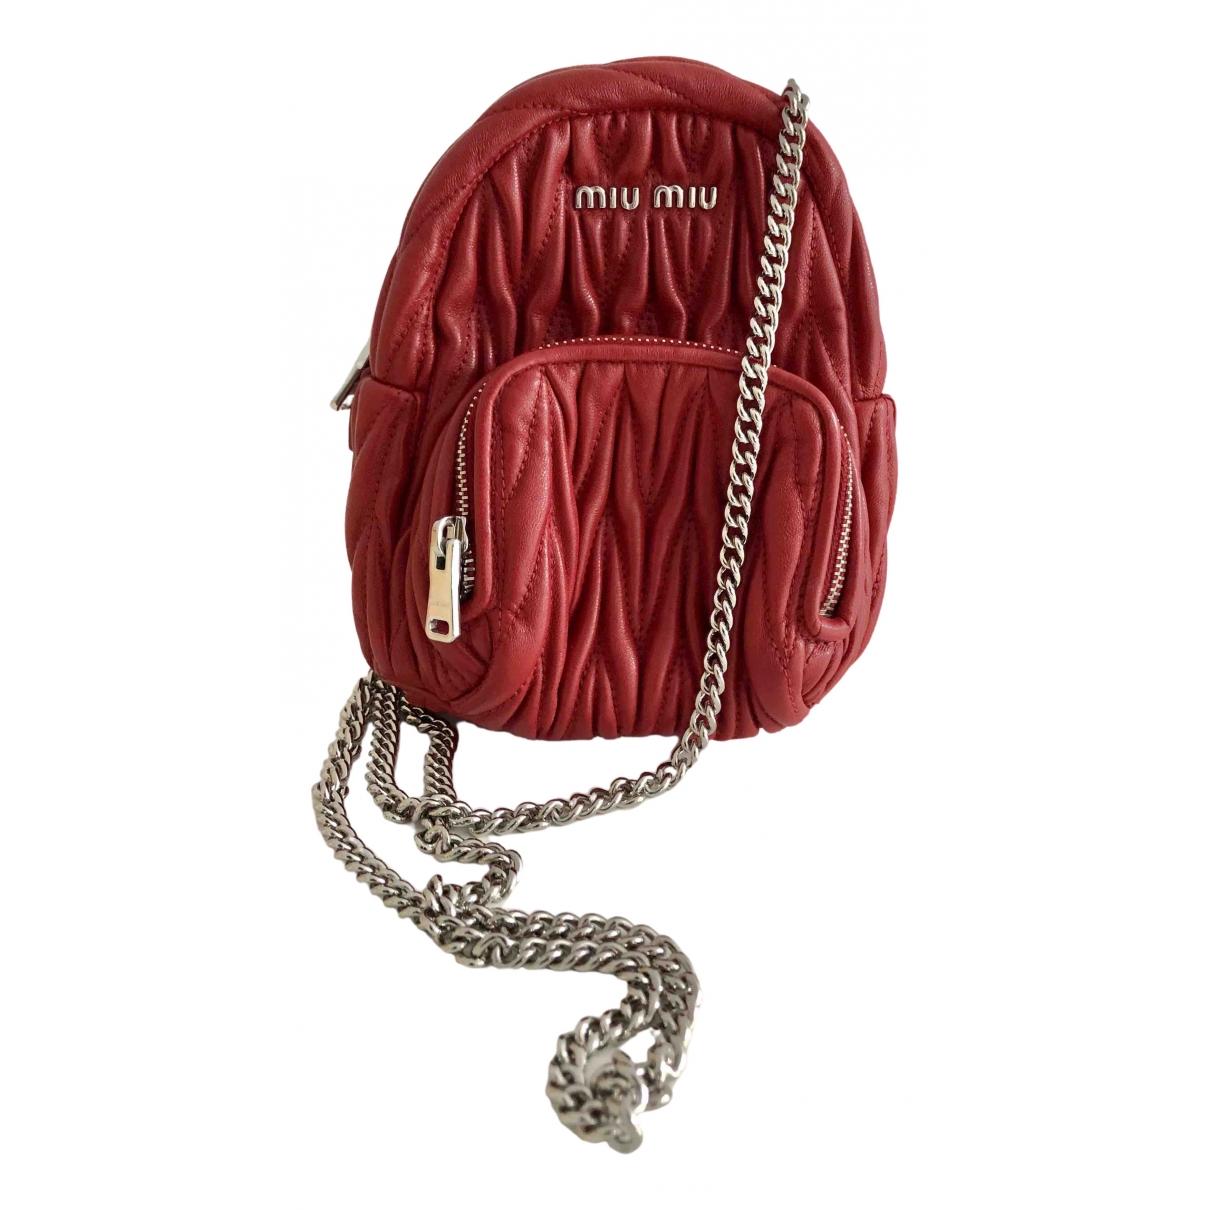 Miu Miu Matelassé Red Leather handbag for Women \N